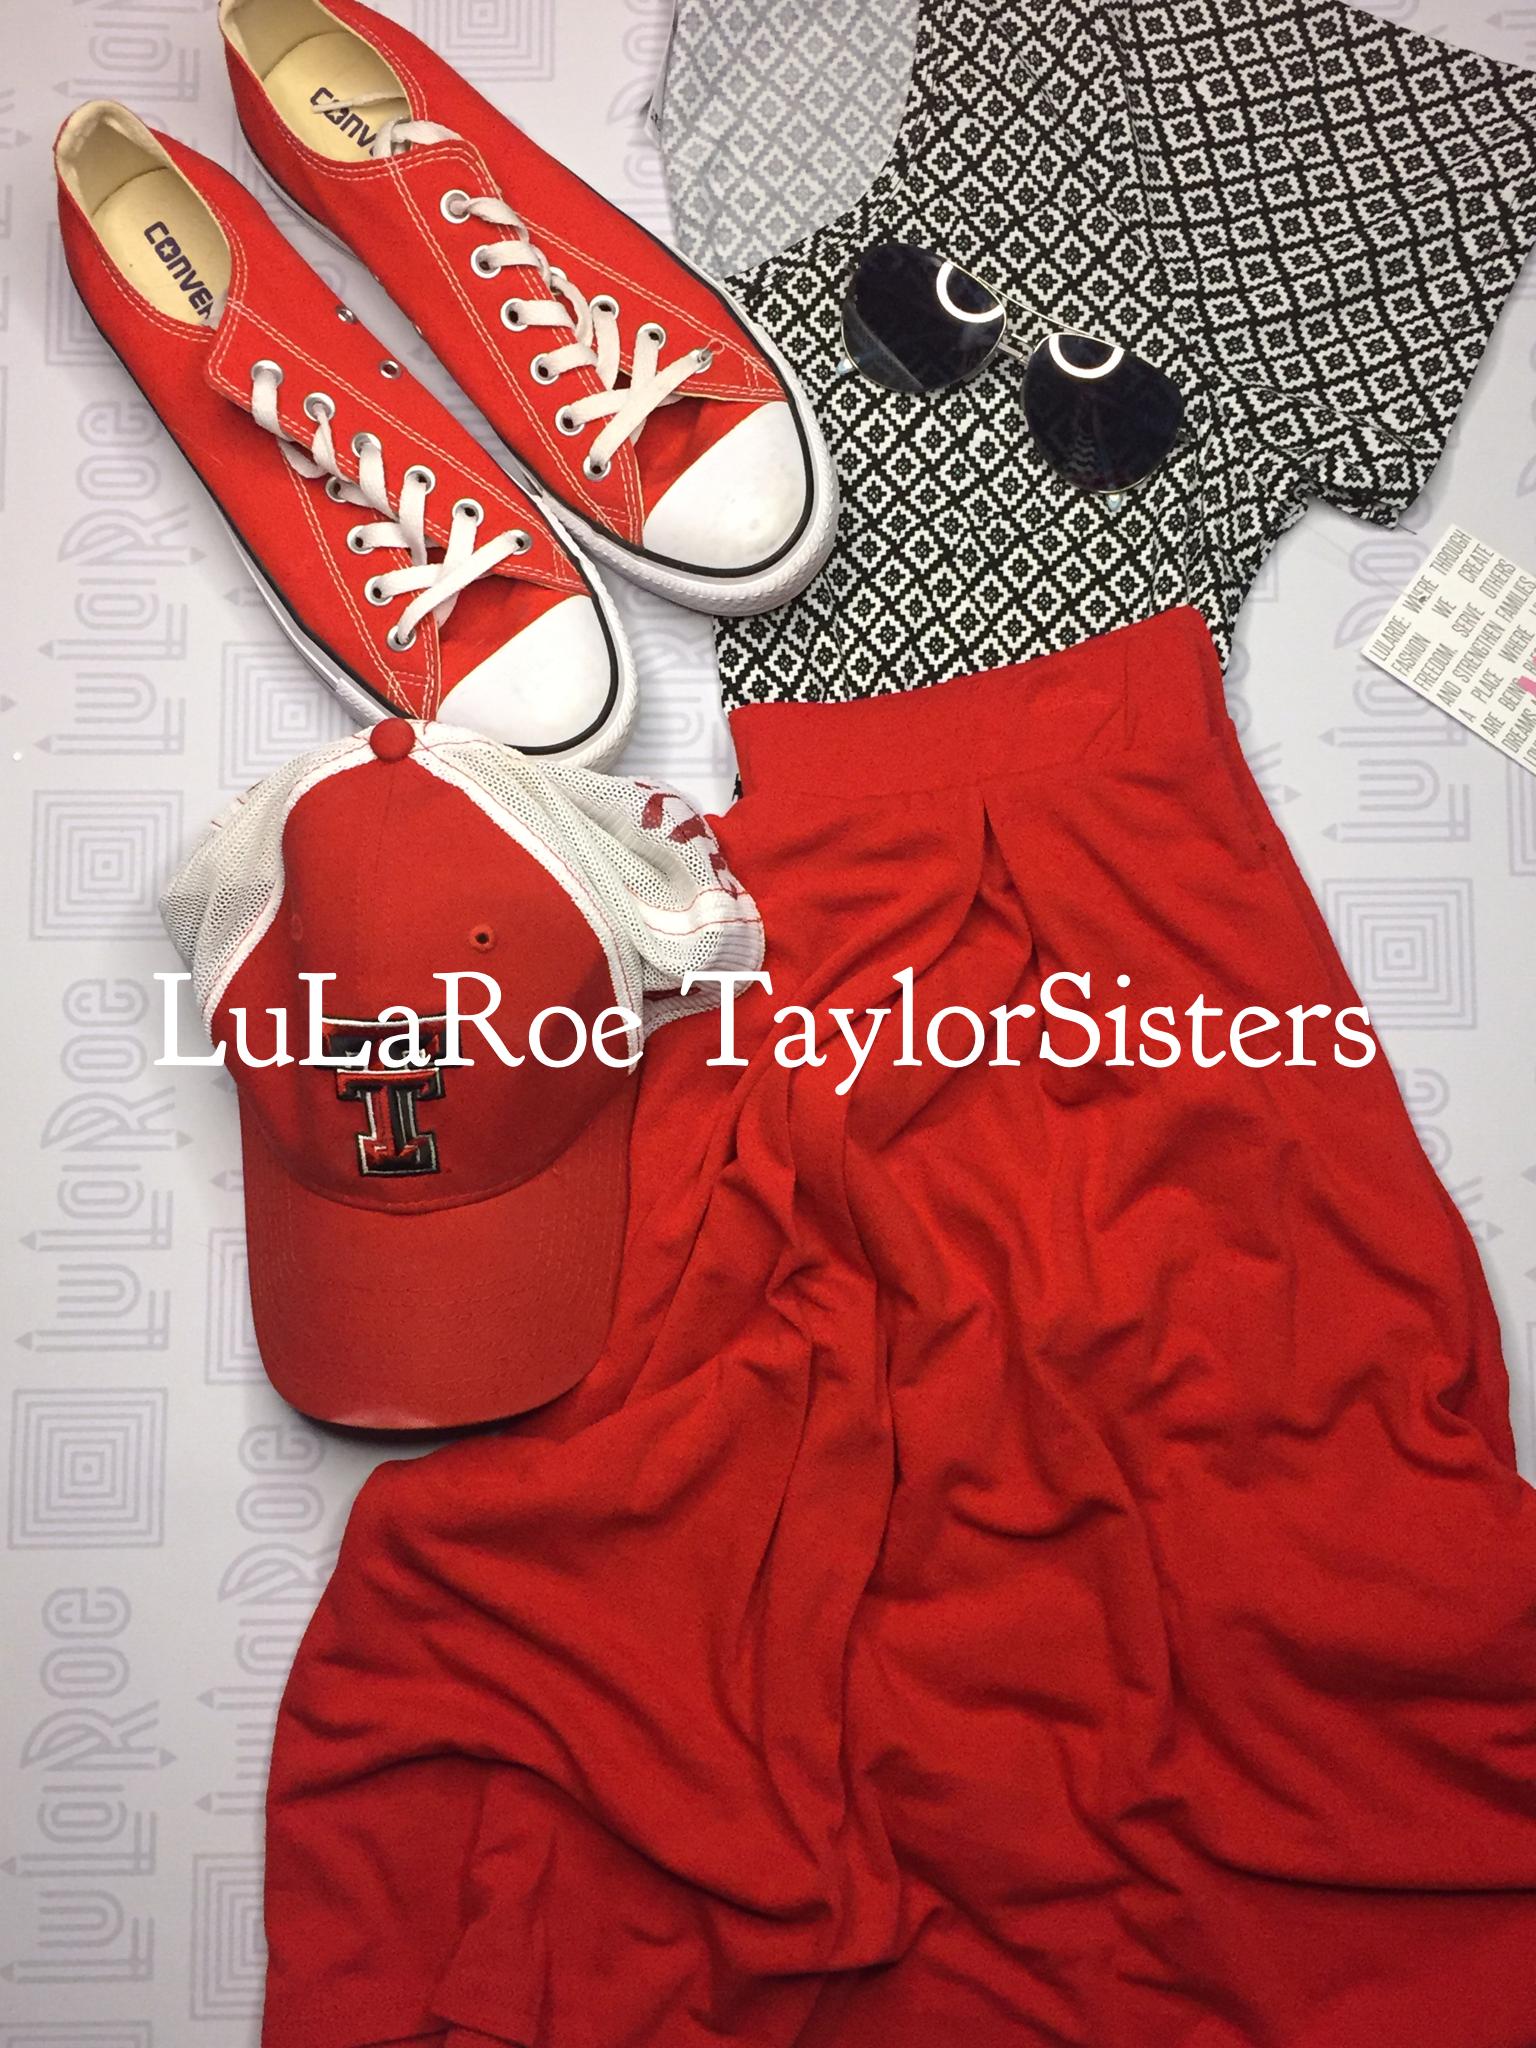 LuLaRoe Madison Skirt LuLaRoe Classic T #spring #lularoe #womensfashion #womensclothes #lubbocktx https://www.facebook.com/groups/lularoetaylorsisters/